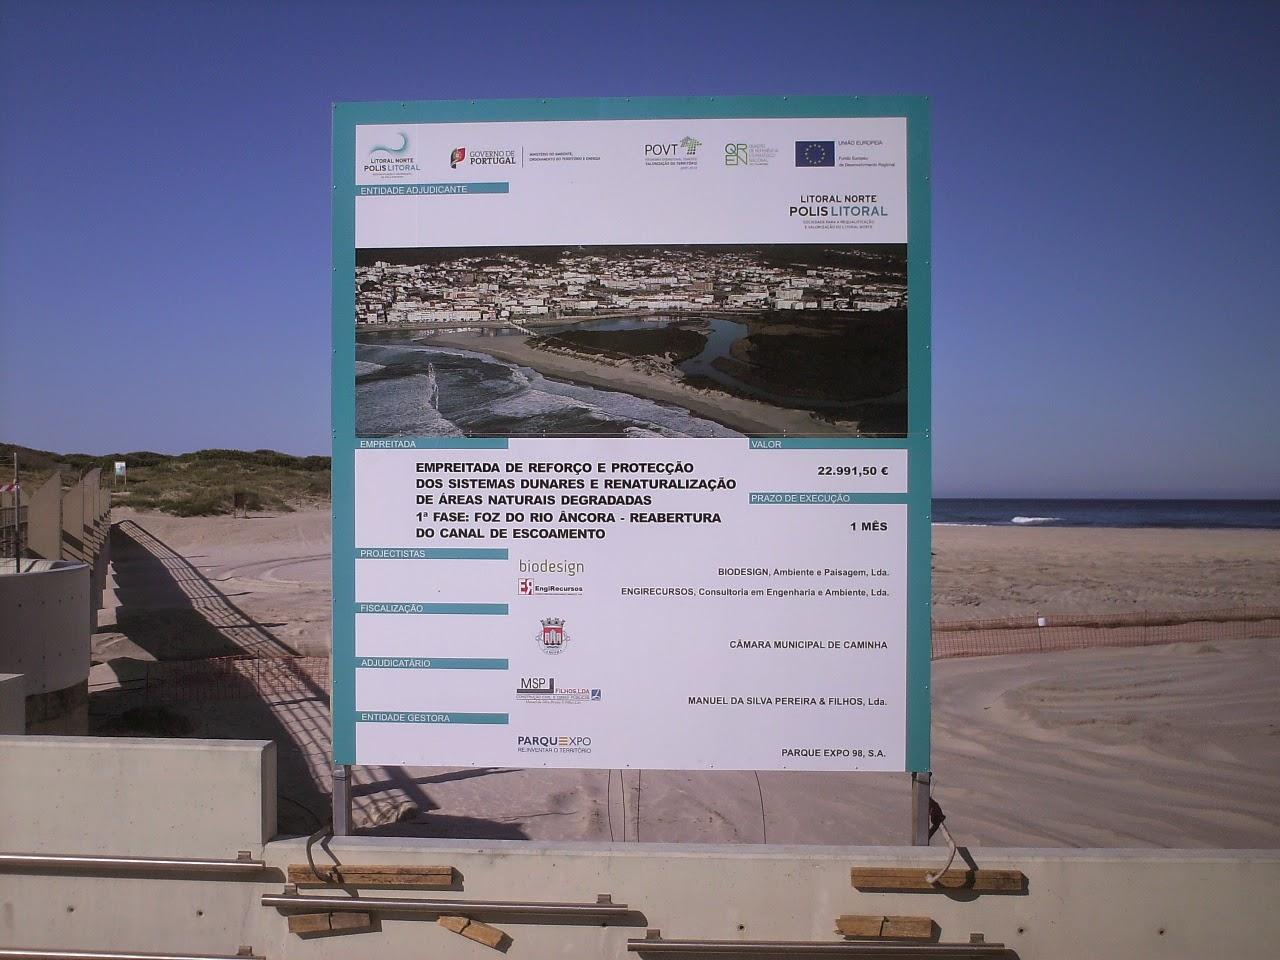 Placar informativo da reabertura do canal de escoamento do rio âncora